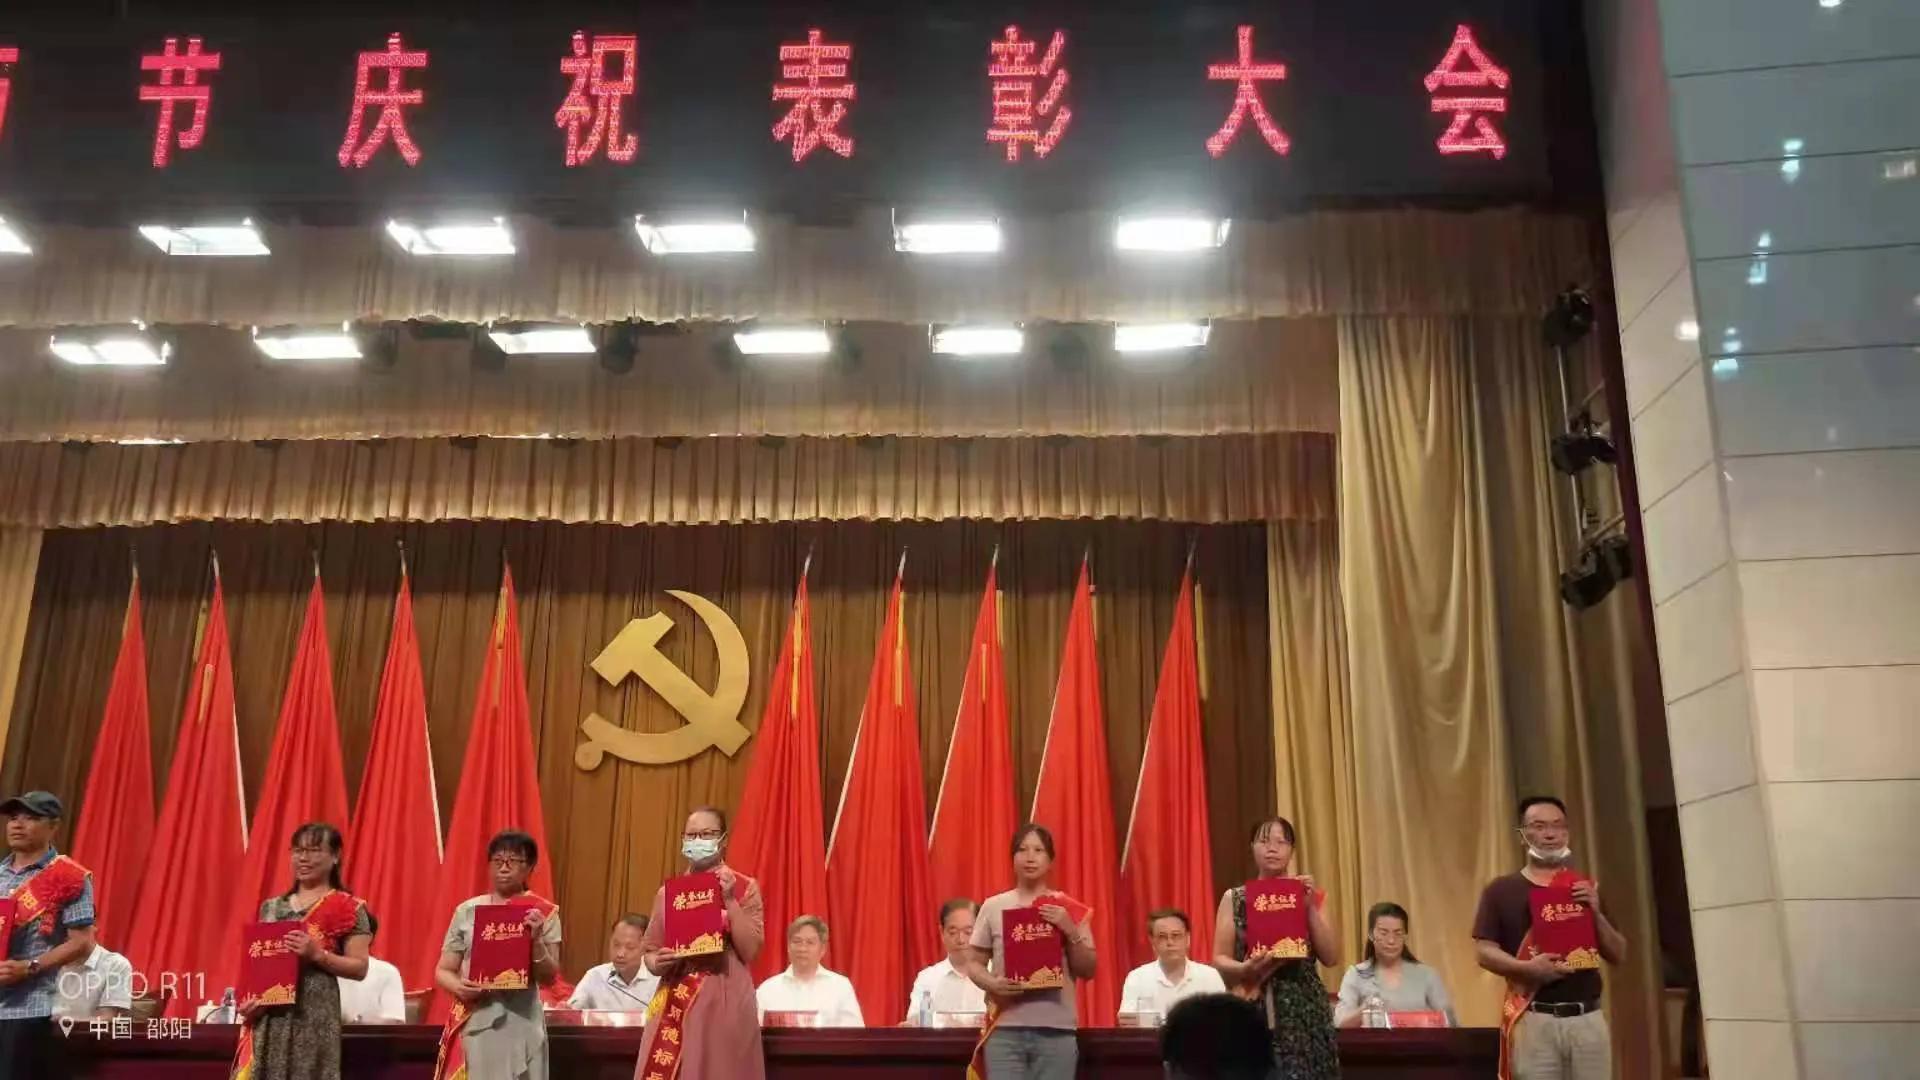 邵阳县隆重召开庆祝第37个教师节暨教师表彰大会